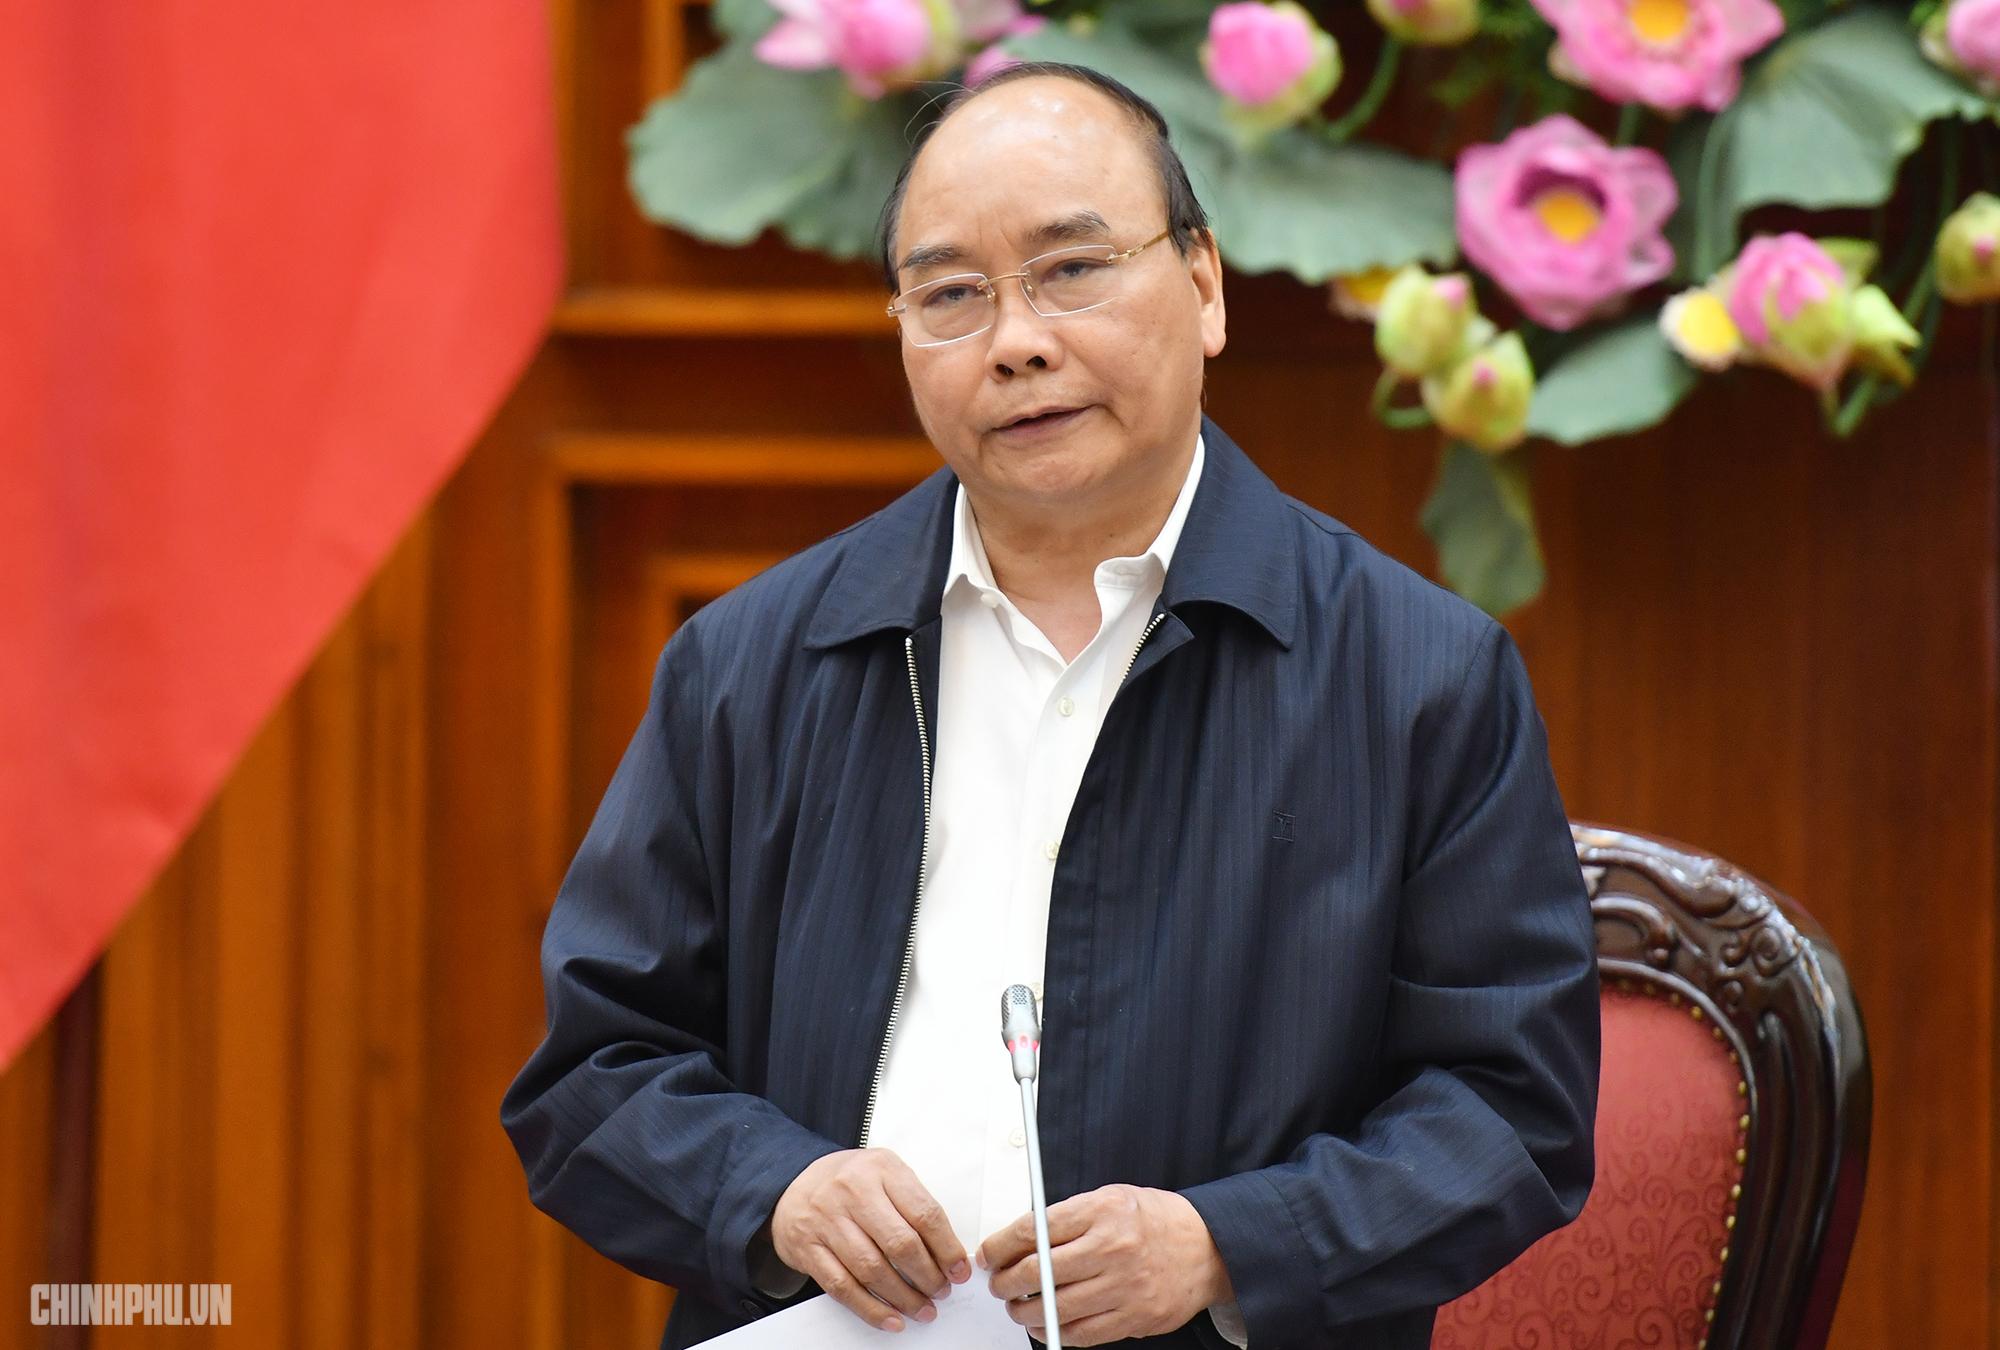 Thủ tướng yêu cầu mua sớm 200.000 tấn gạo dự trữ. Ảnh: VGP/Quang Hiếu